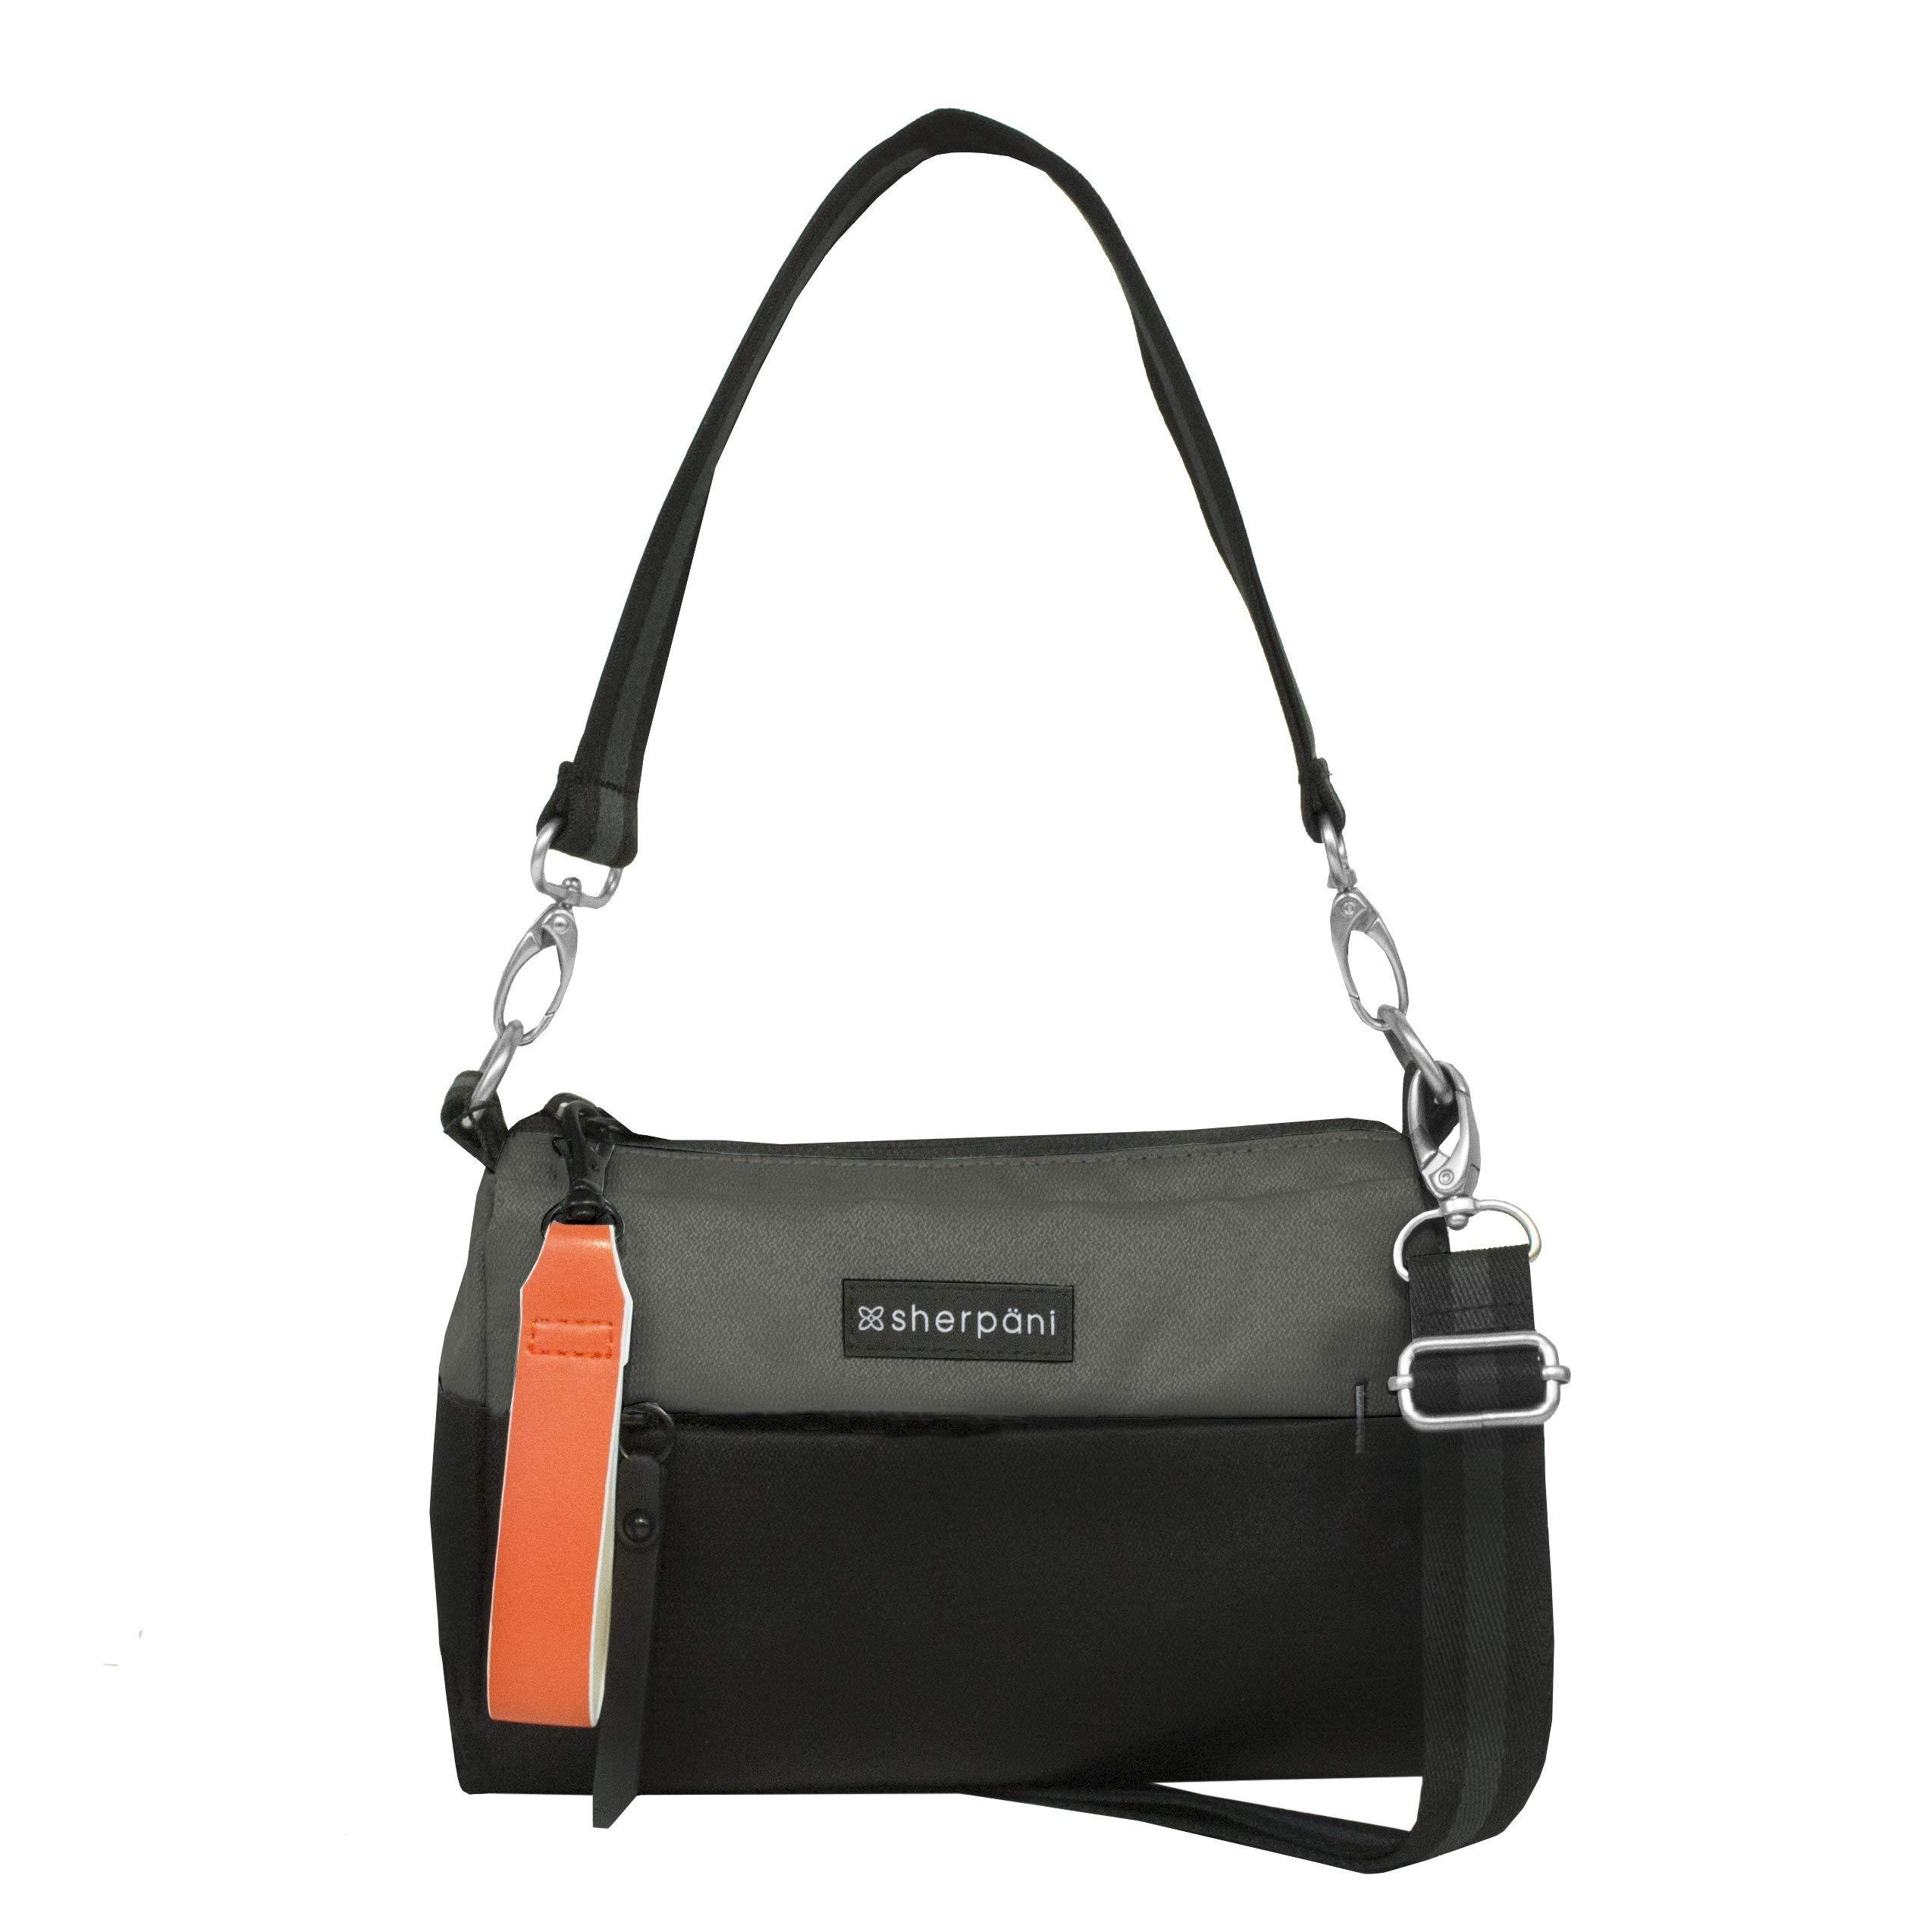 Sherpani Women's 18-skye0-02-11-0 Cross Body Bag, Flint, One Size